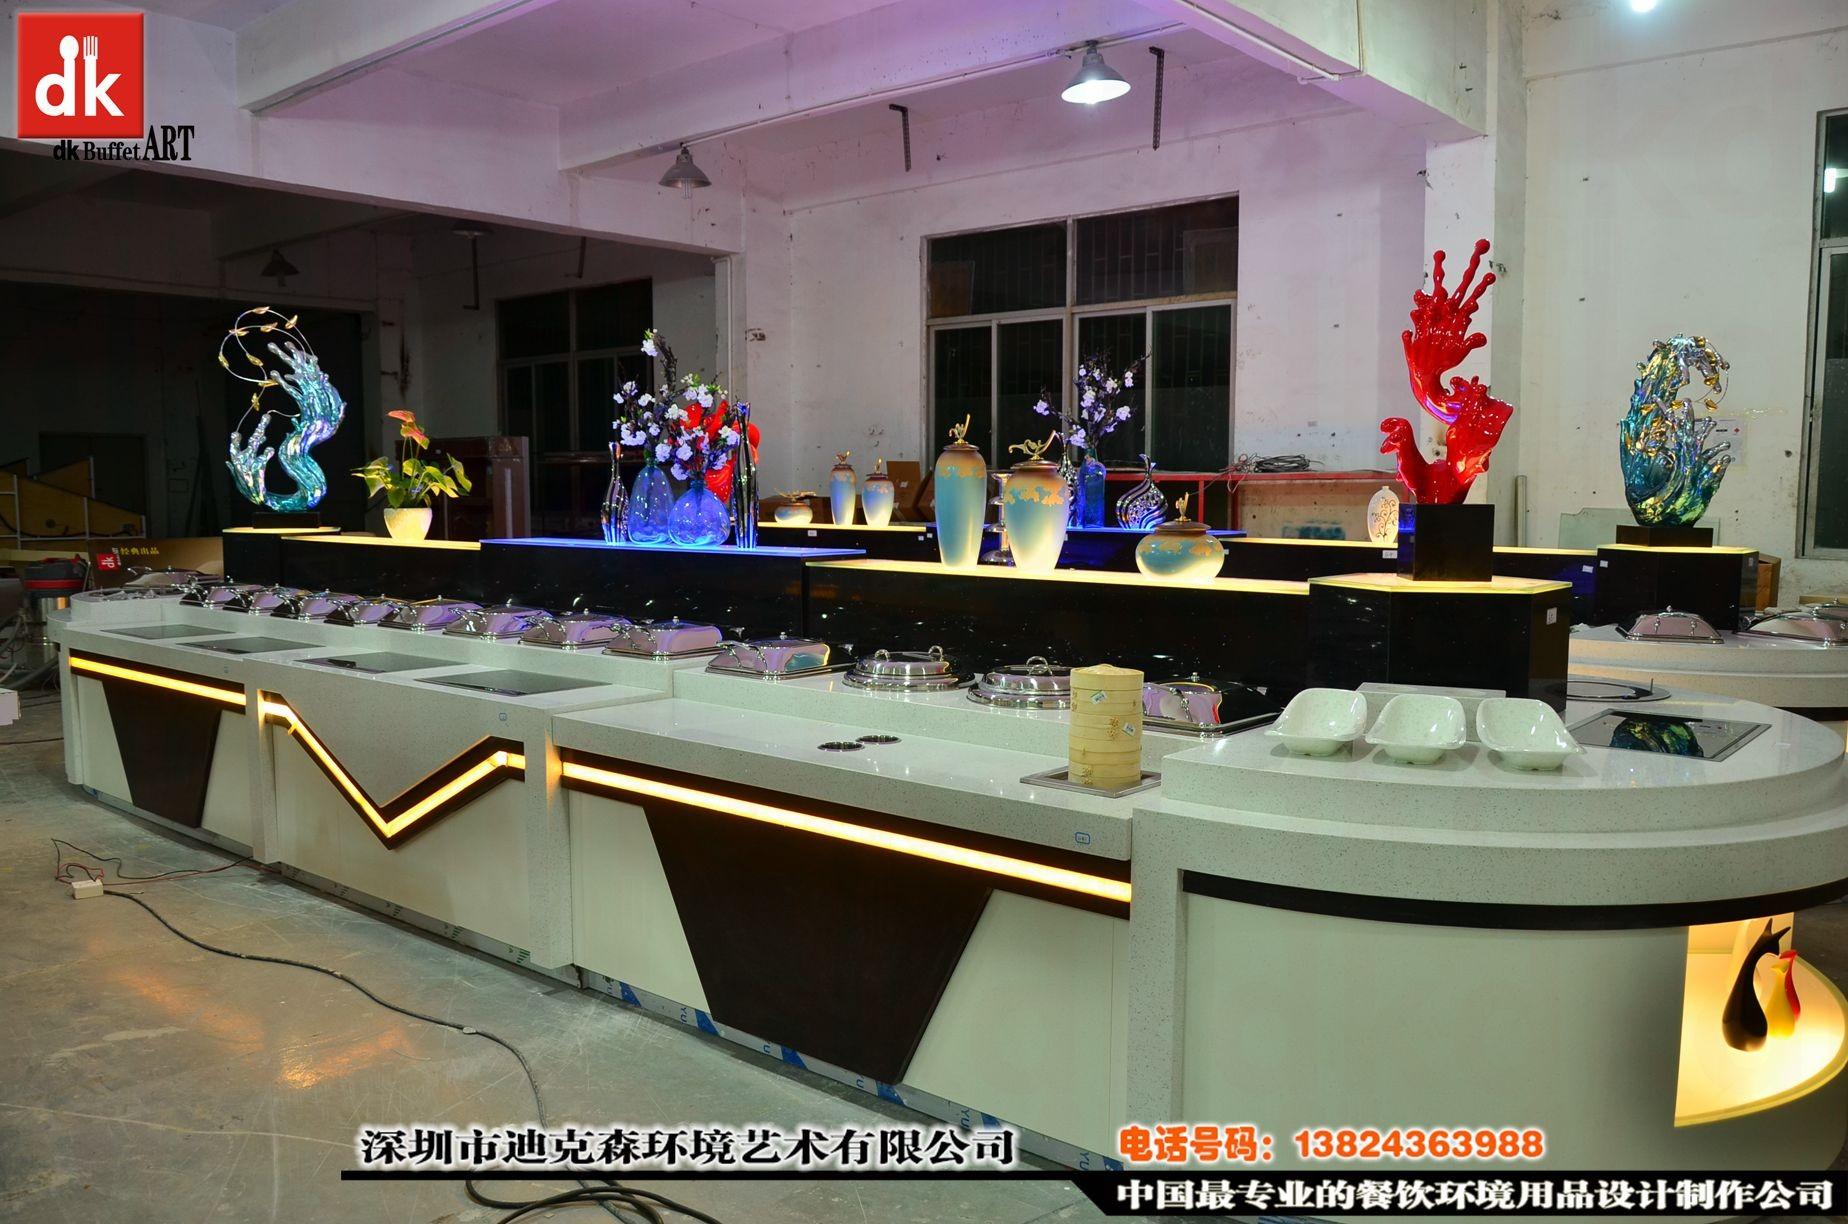 餐厨设备与餐台装饰 (6)